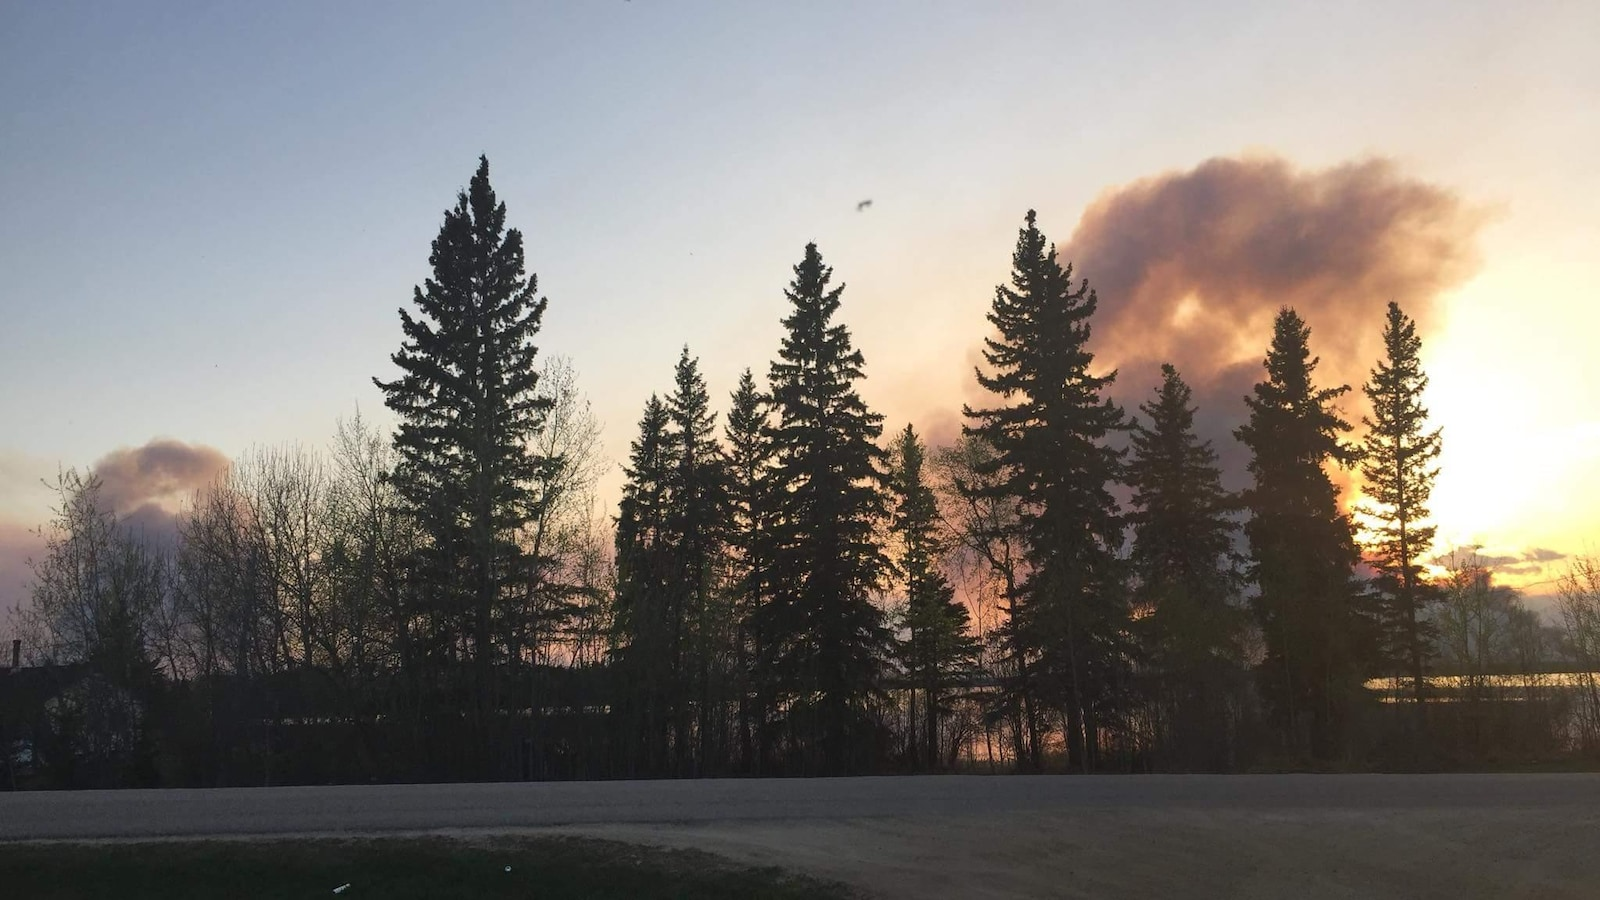 Des nuages de fumée sont dans le ciel au soleil couchant derrière des arbres.